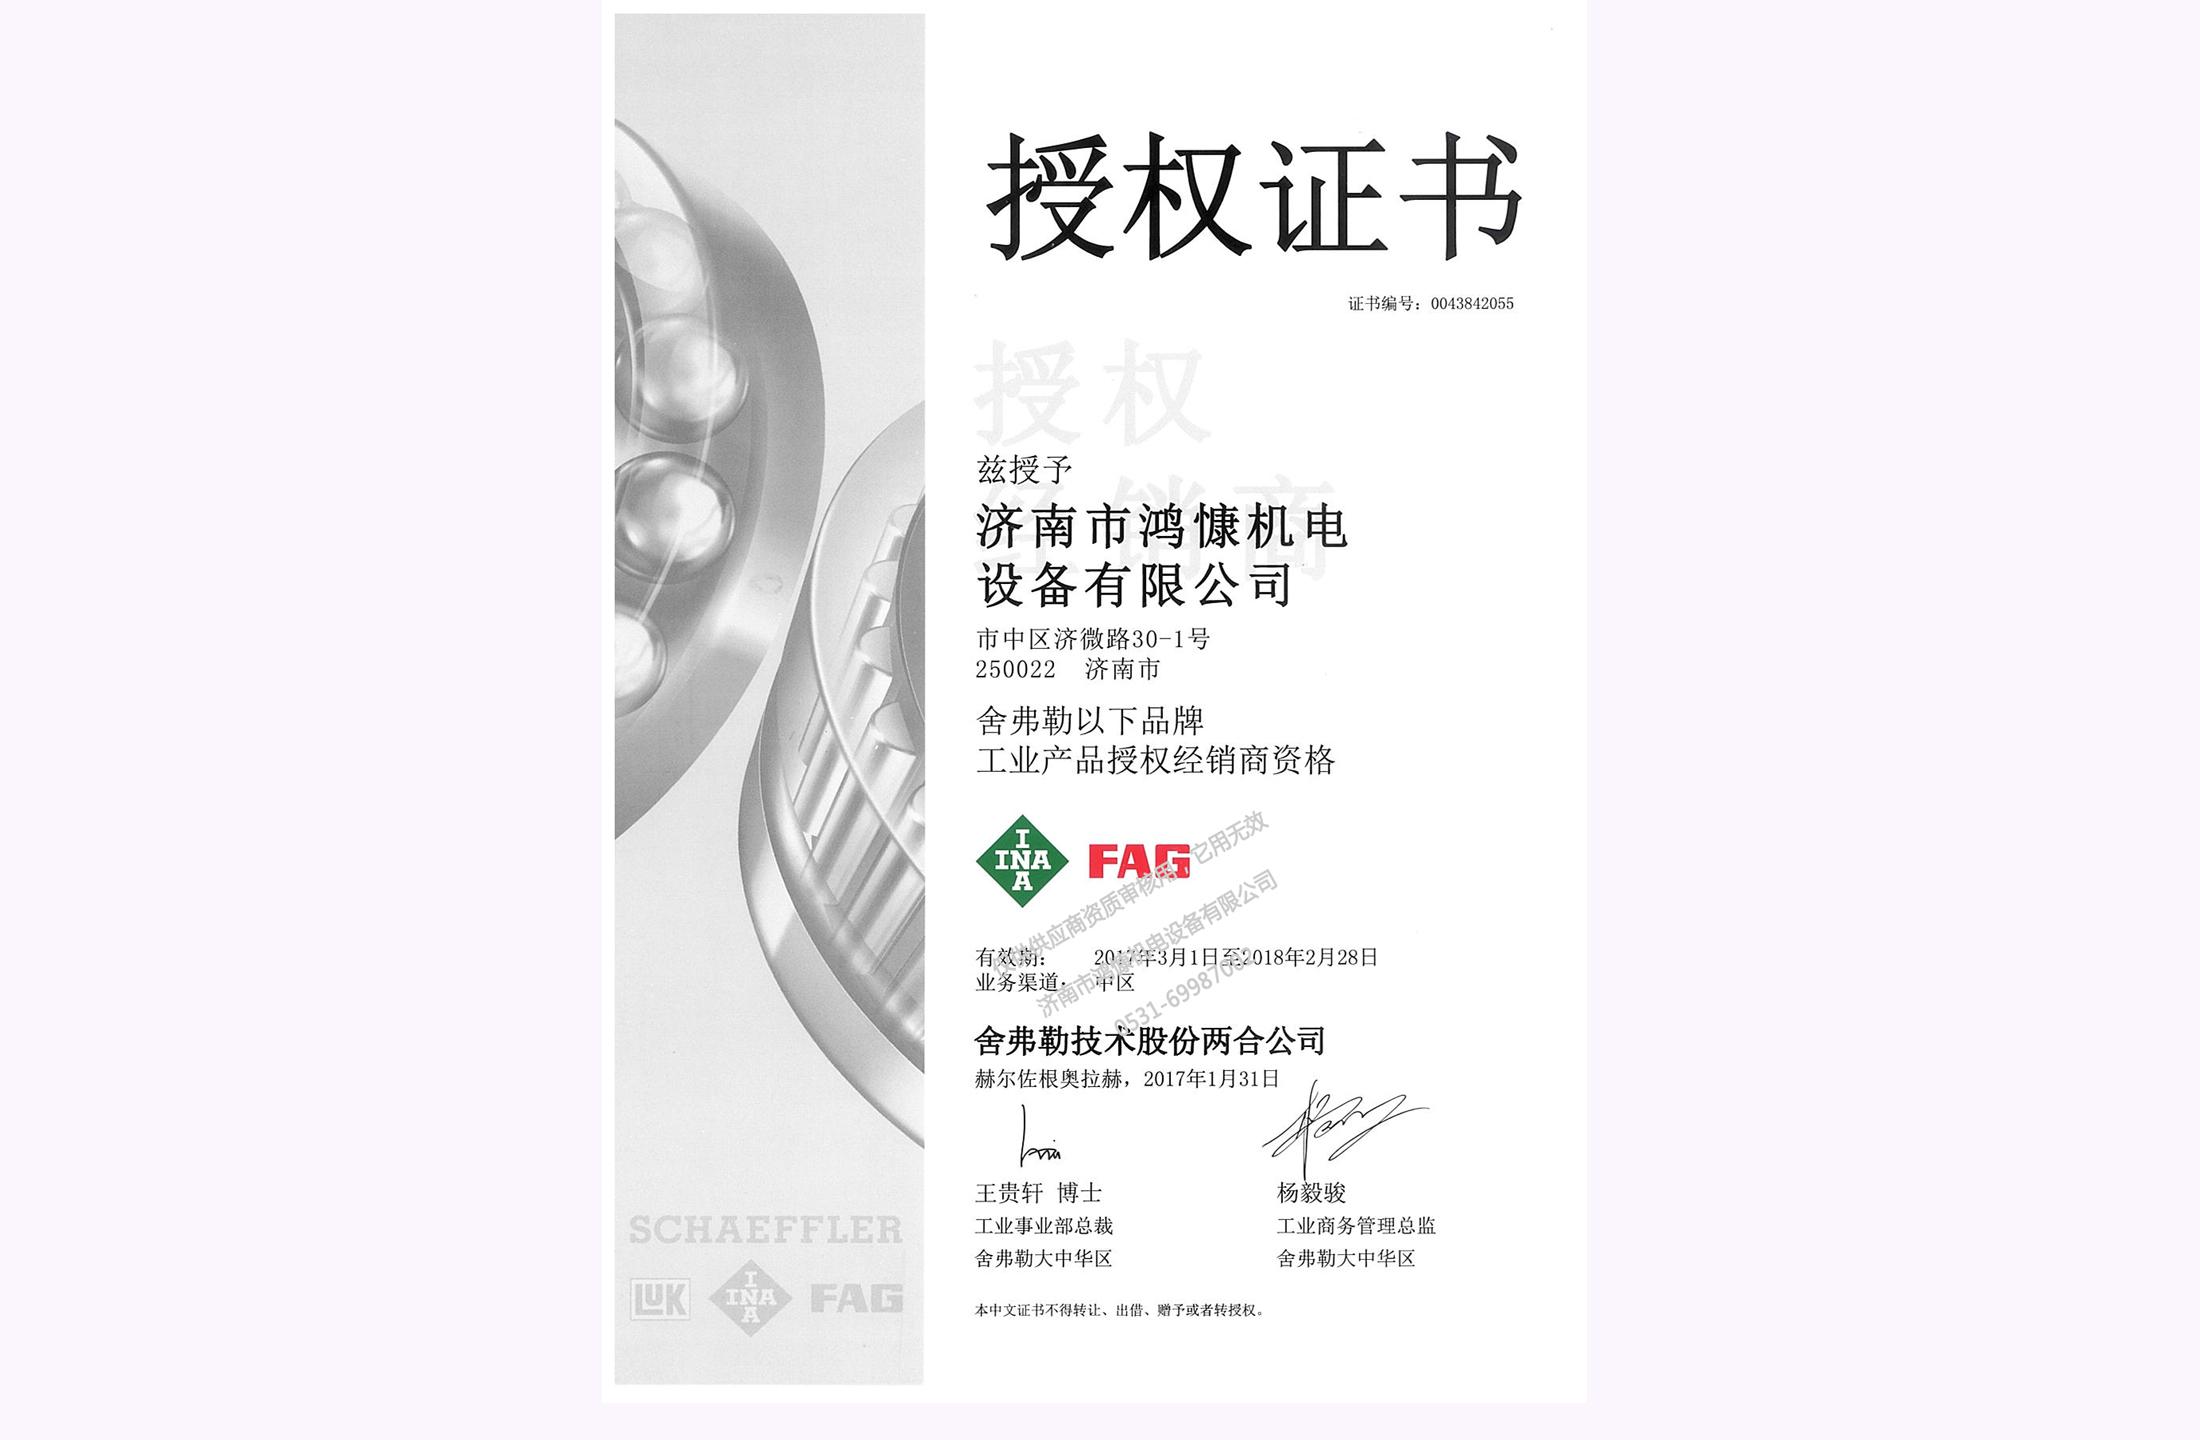 2017年舍弗勒集团官方授权证书